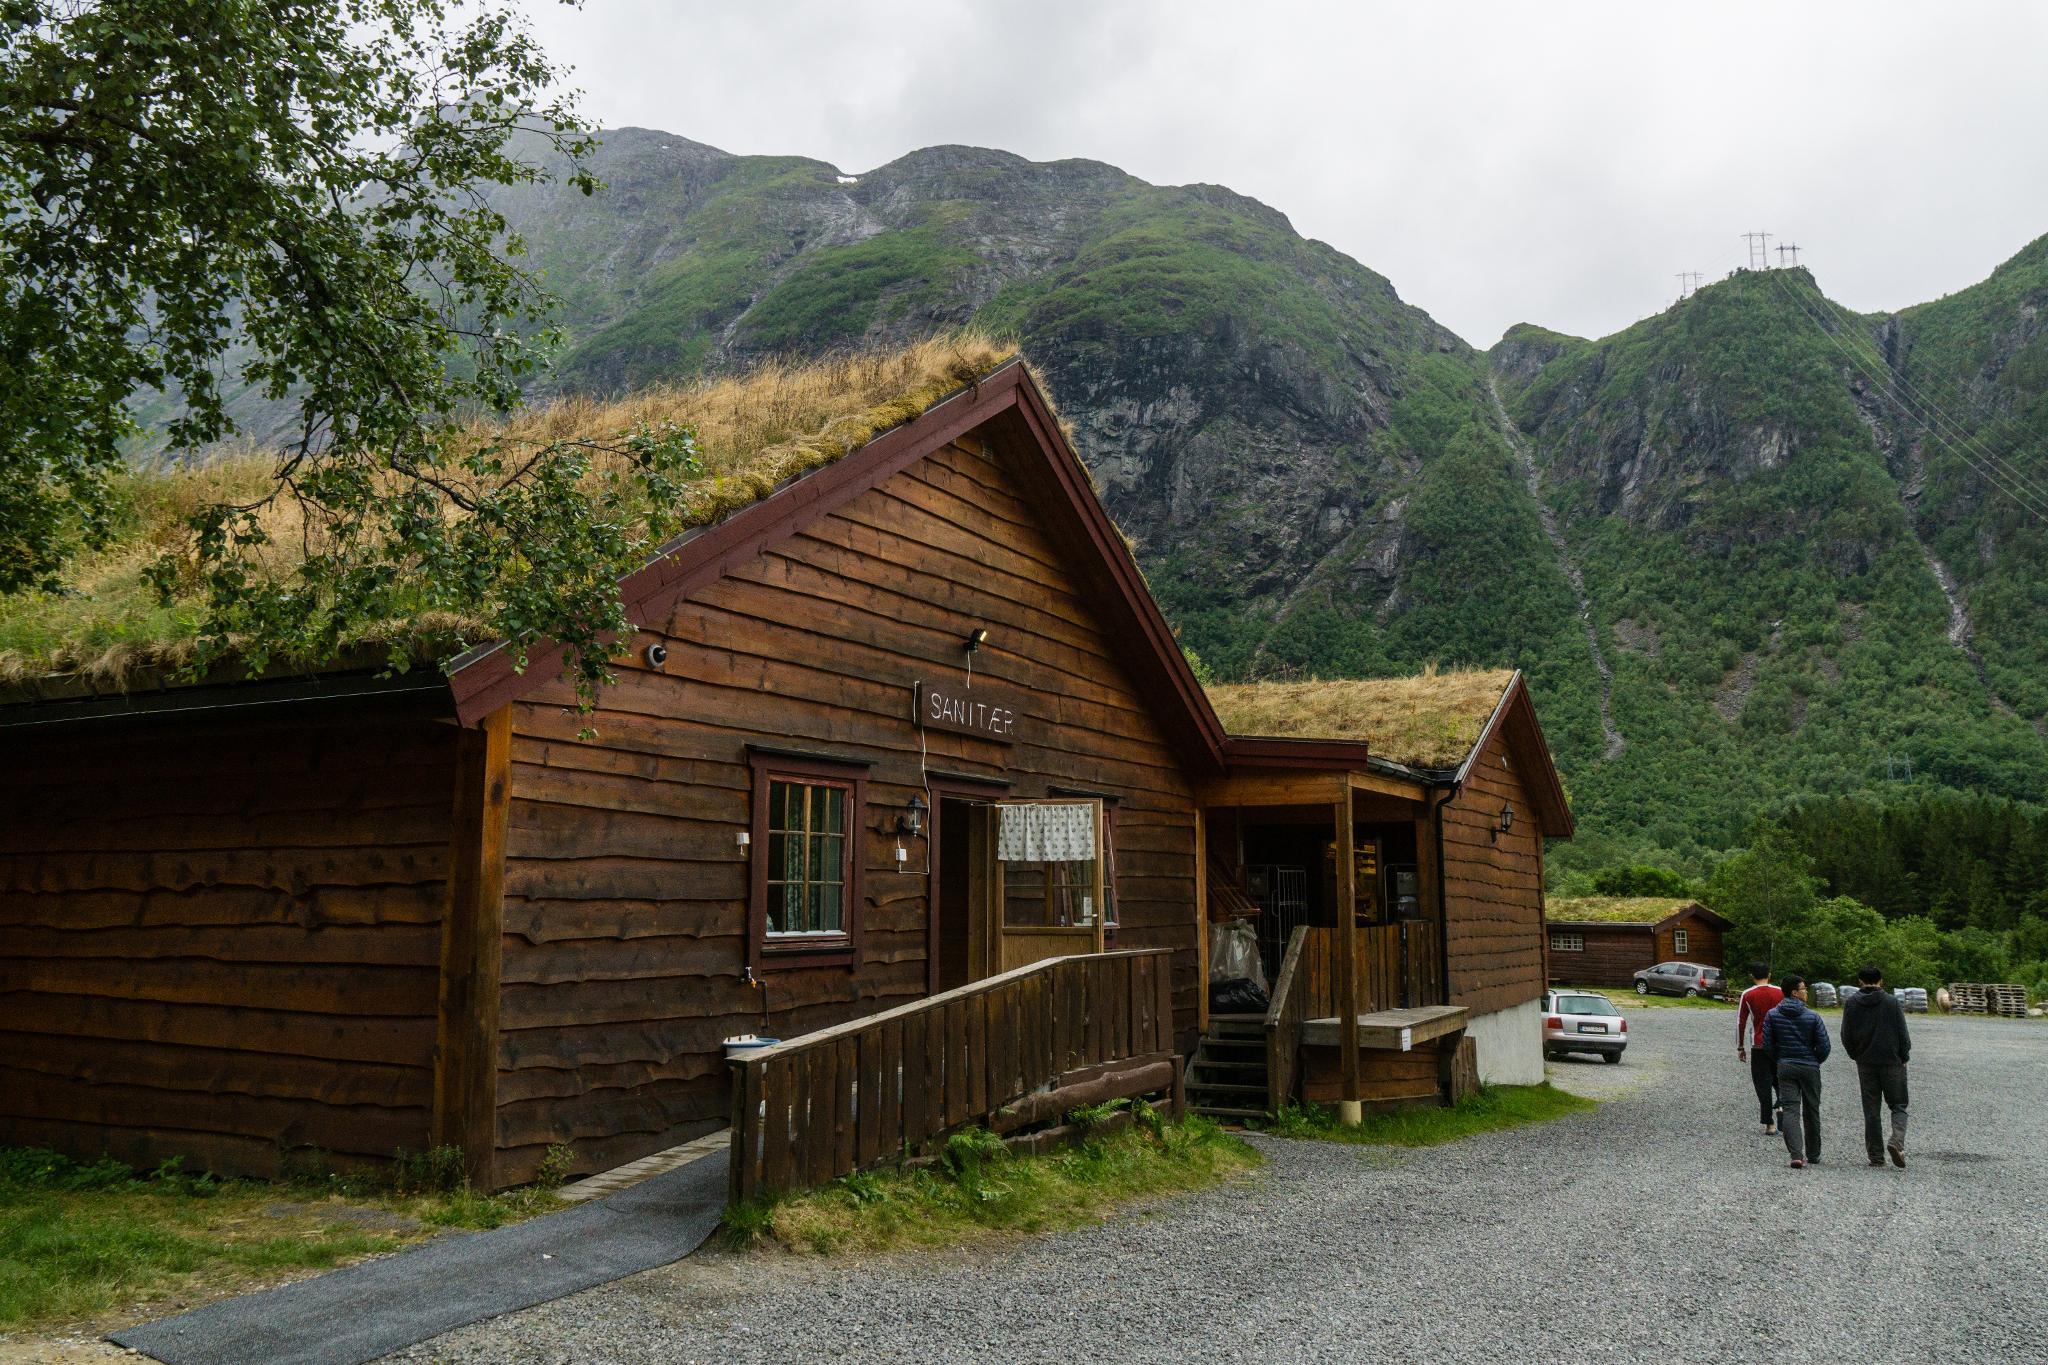 【北歐露營】在妖精出沒的峽谷中露營 - Trollstigen Camping 11